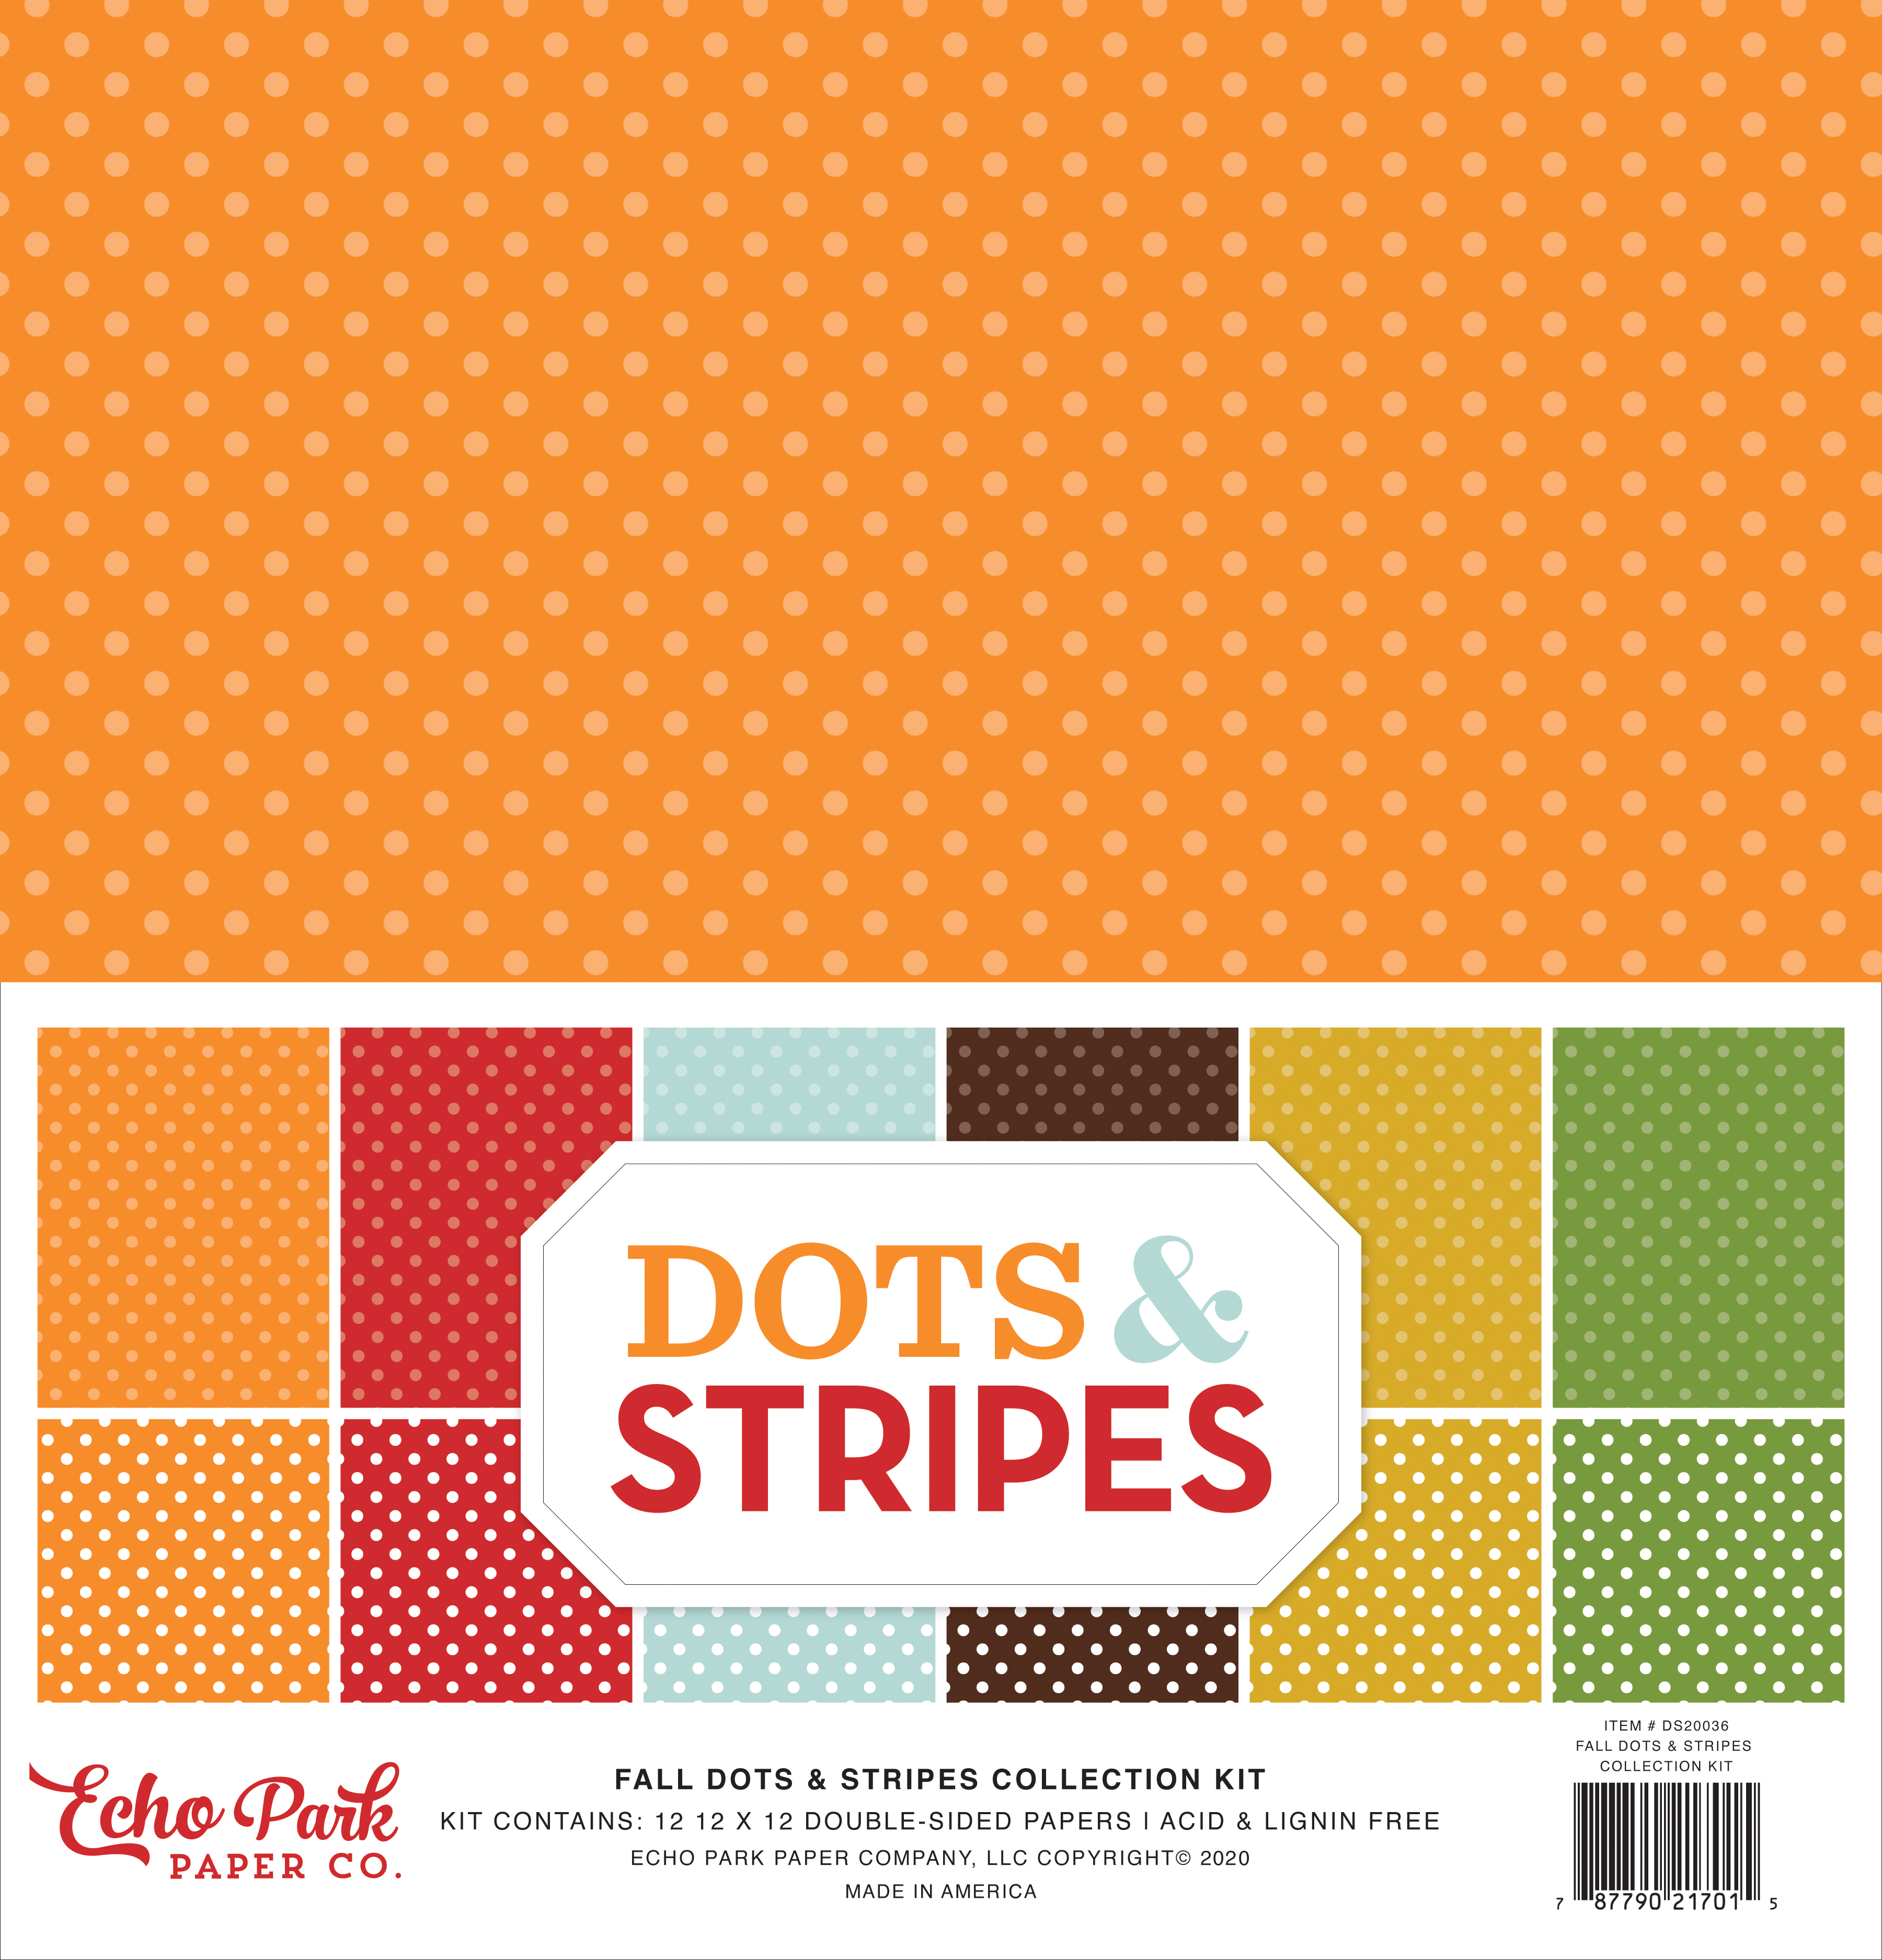 Fall Dots & Stripes